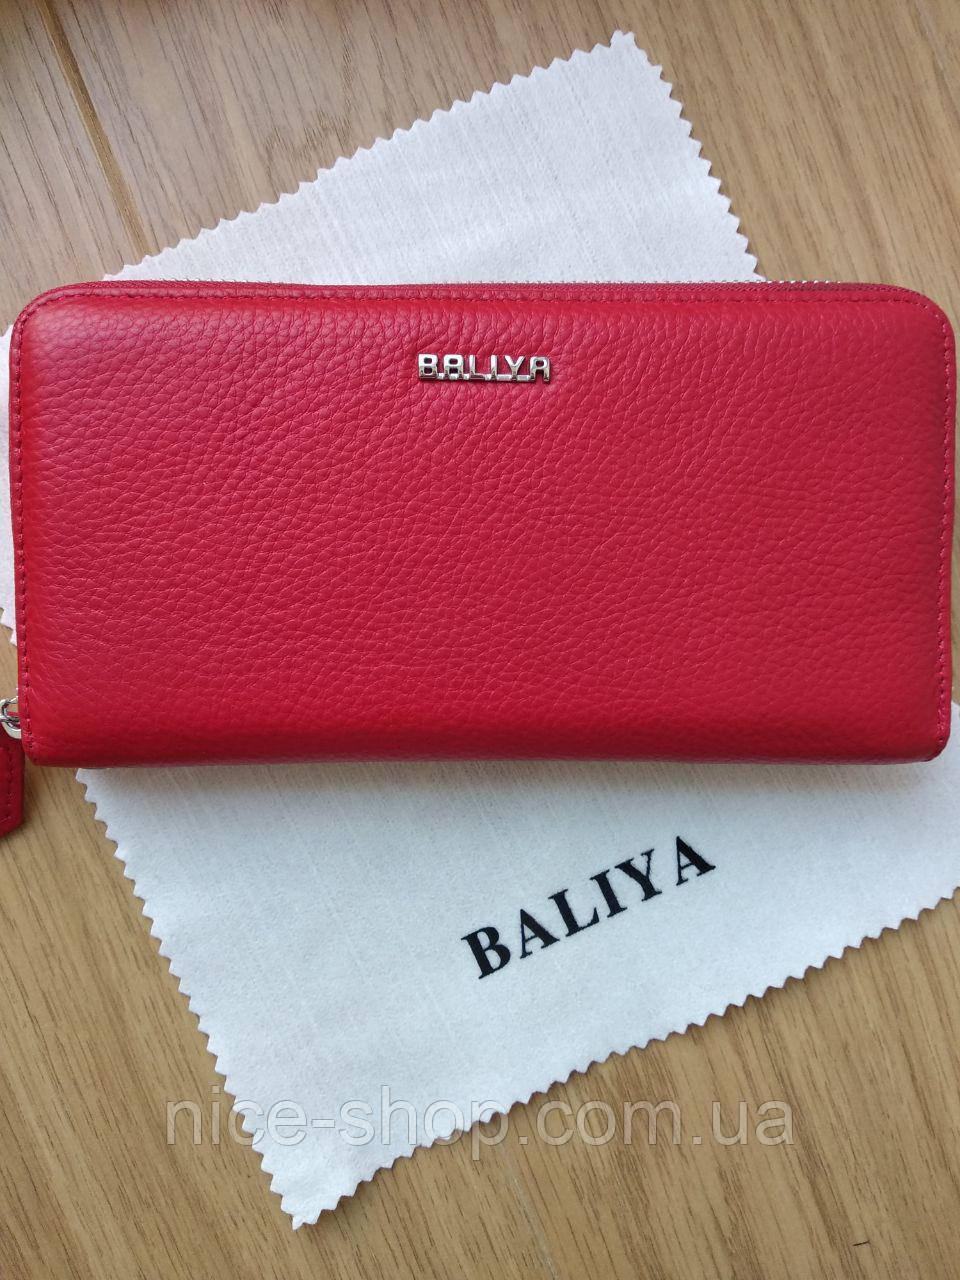 Красный кожаный  кошелёк на змейке серебряная фурнитура